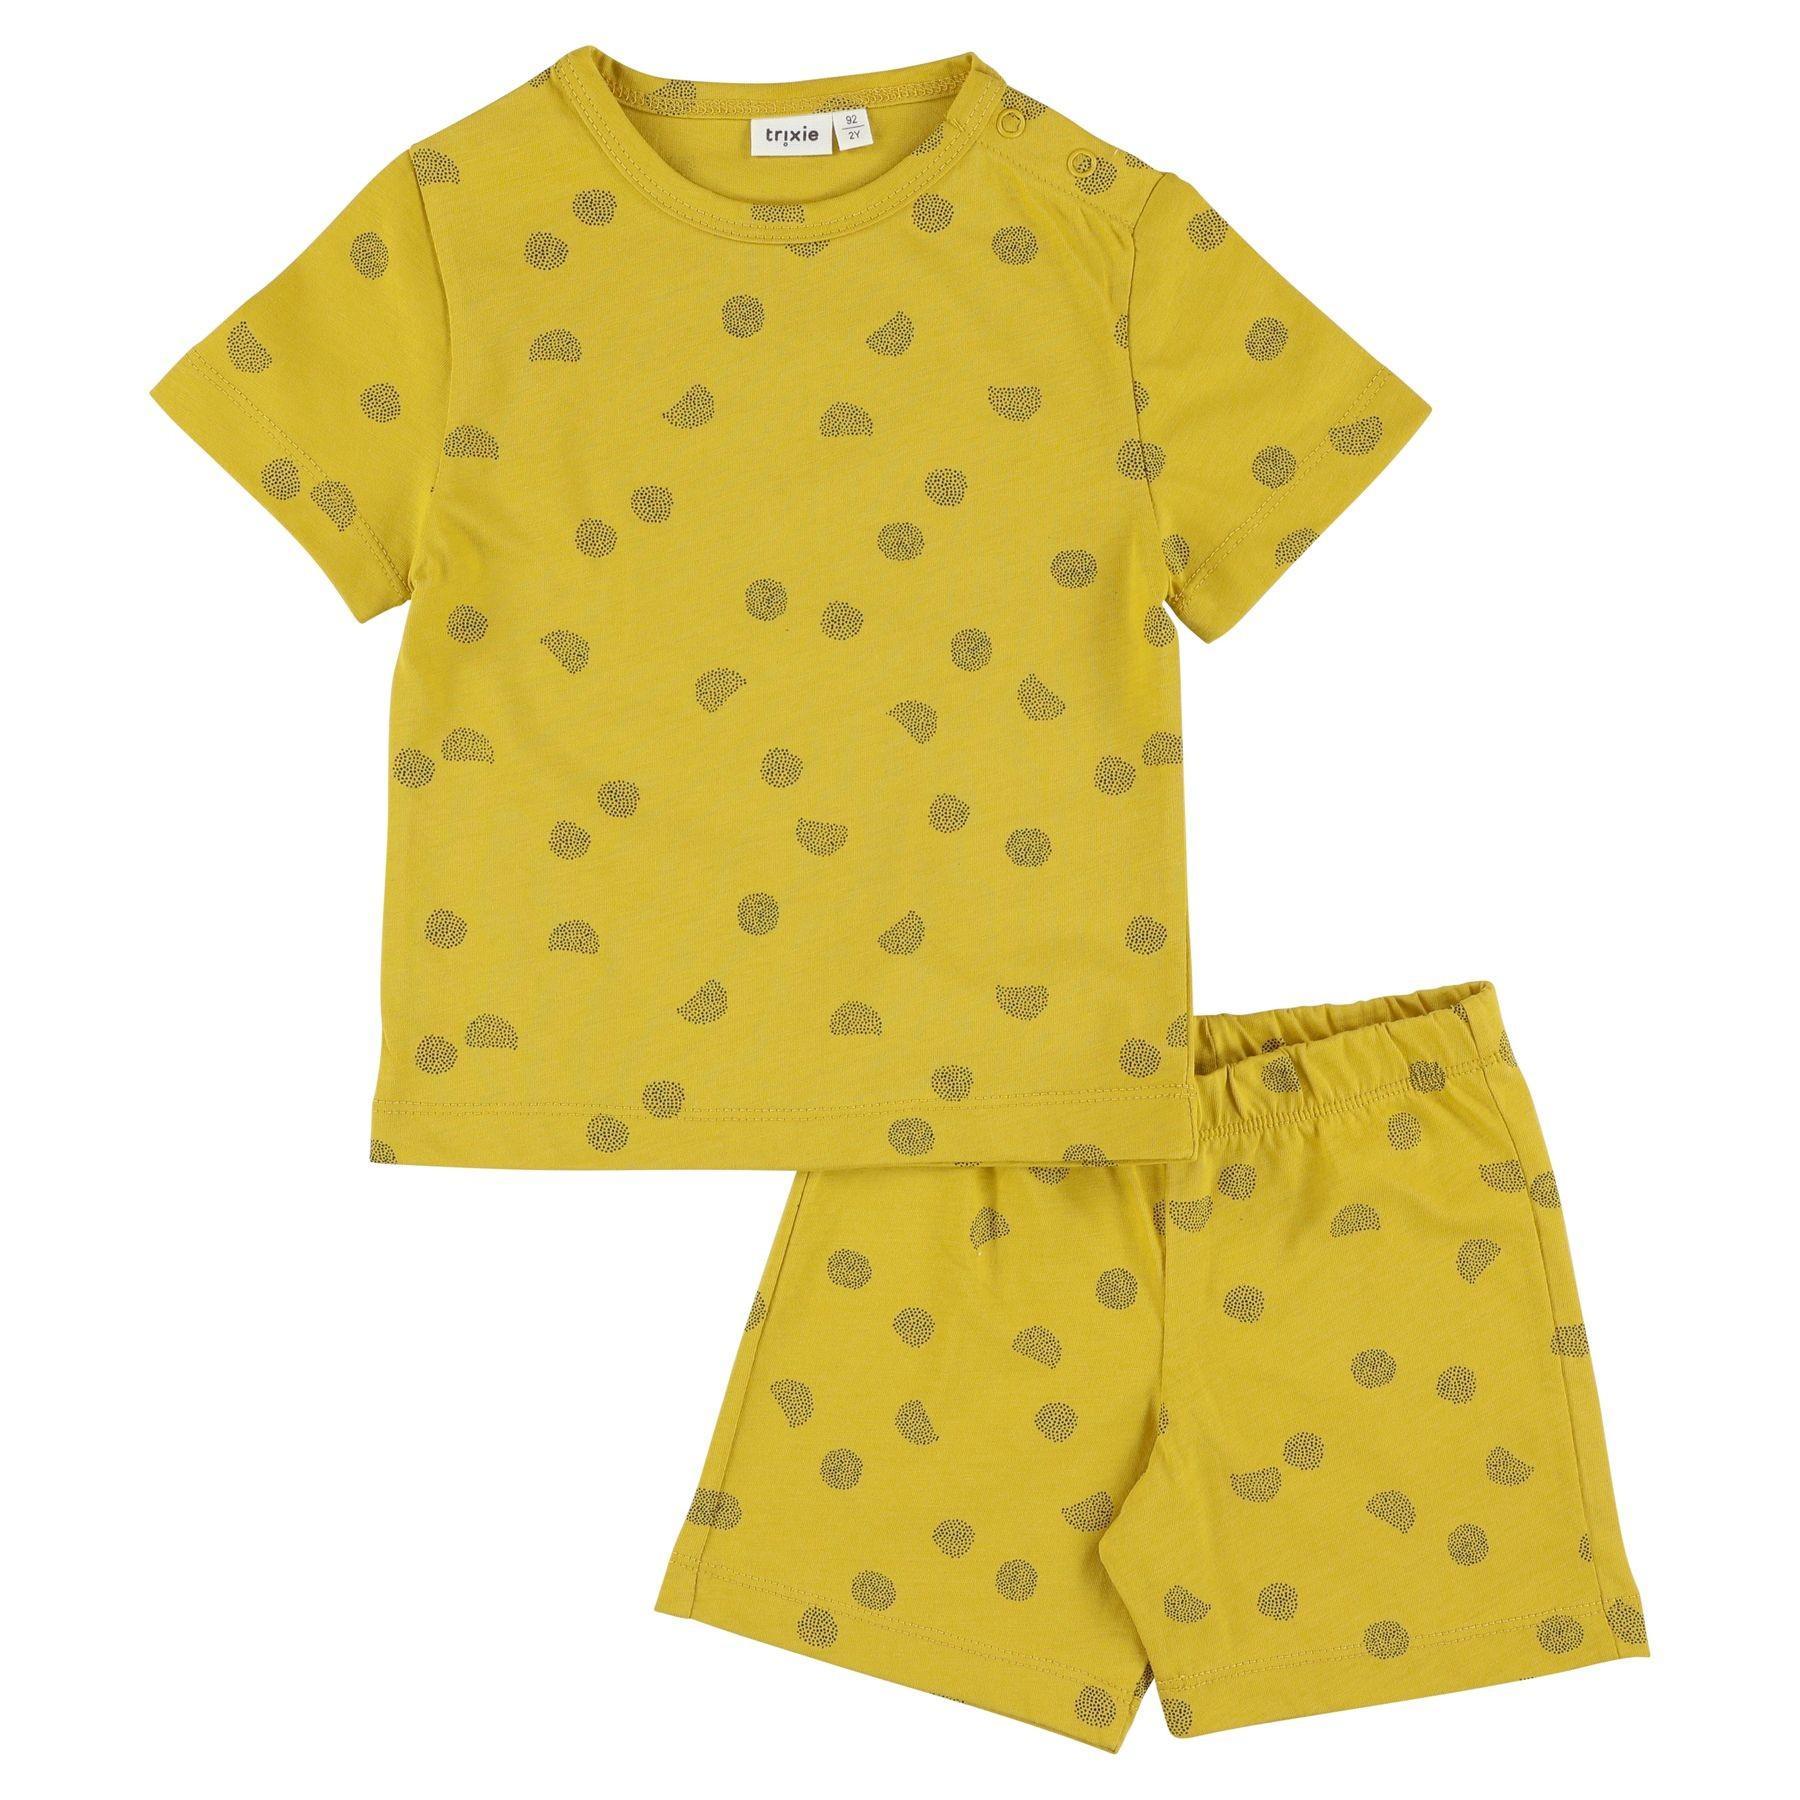 Trixie - 2-delige pyjama kort - Sunny Spots - 10Y